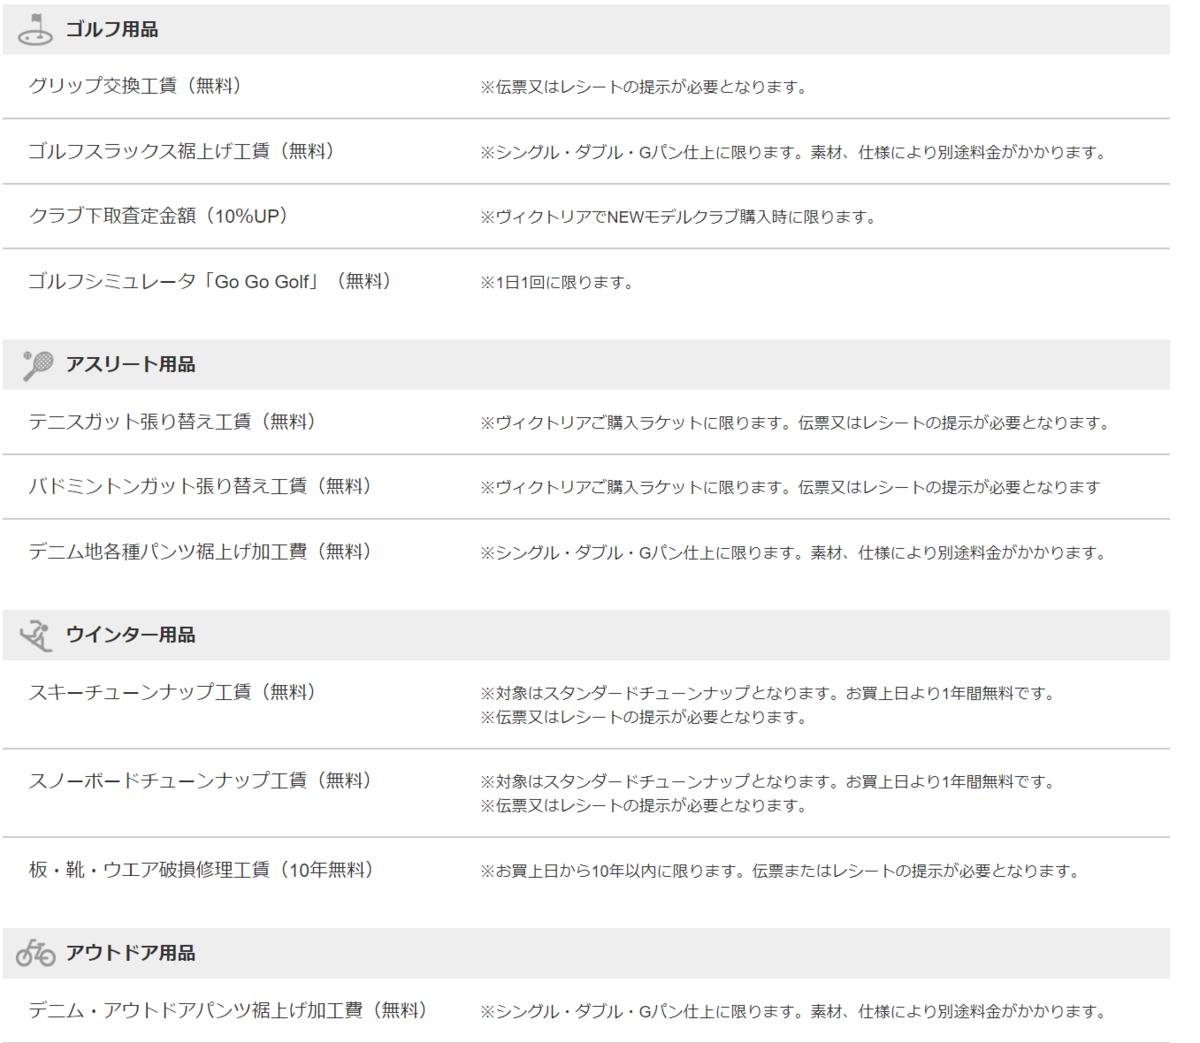 f:id:t-naito-tnf:20191115153843p:plain